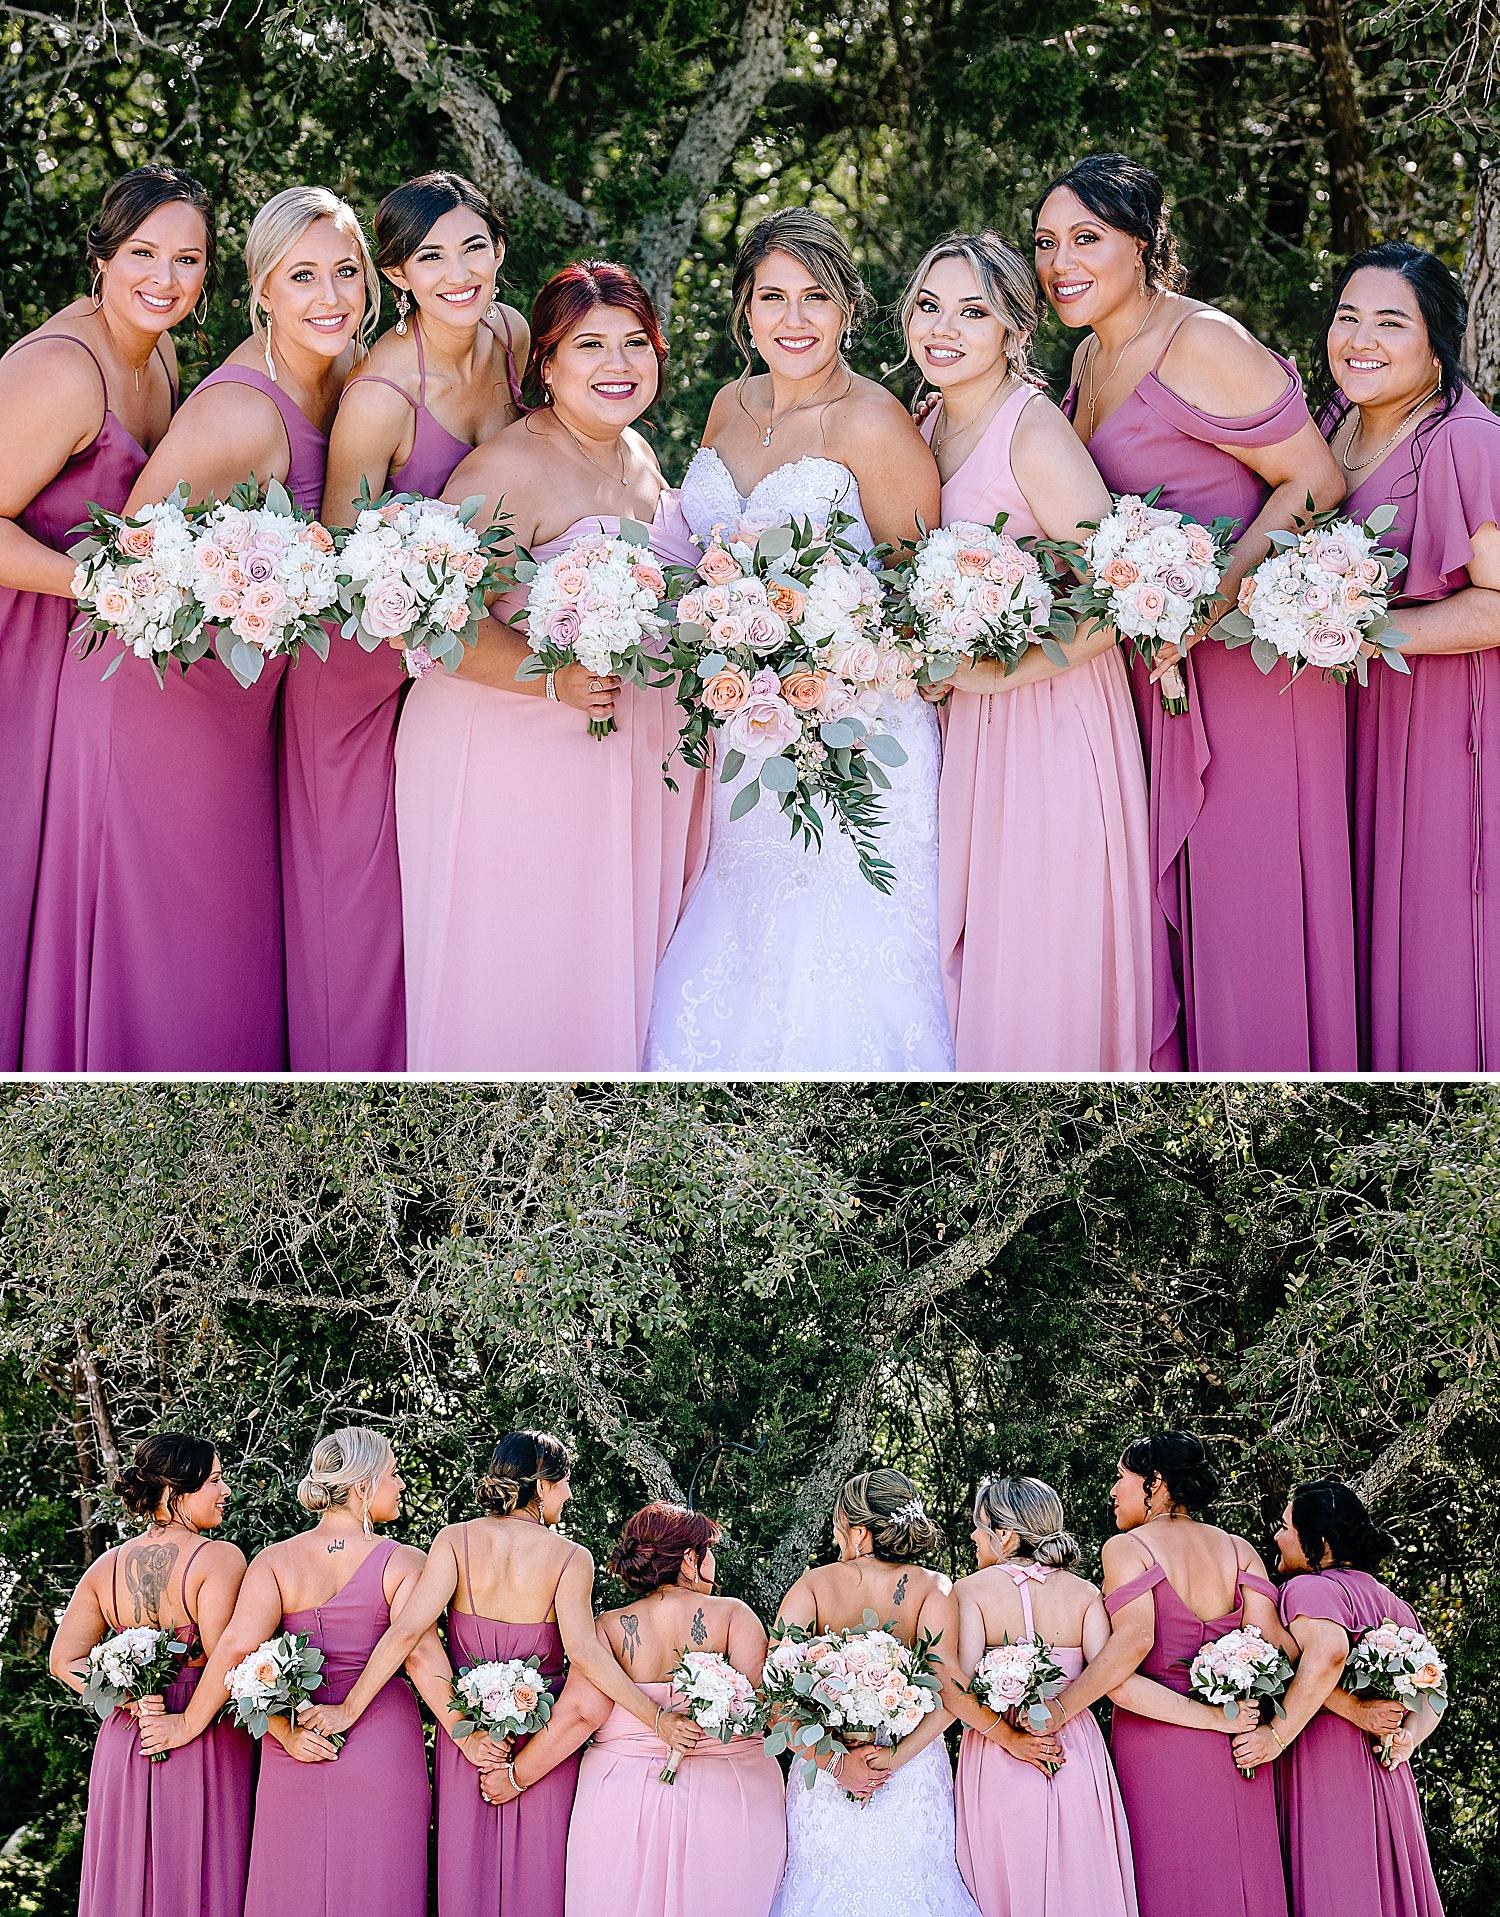 Carly-Barton-Photography-The-Villa-at-Cielo-Vista-Blush-Gold-White-Wedding-Photos_0123.jpg